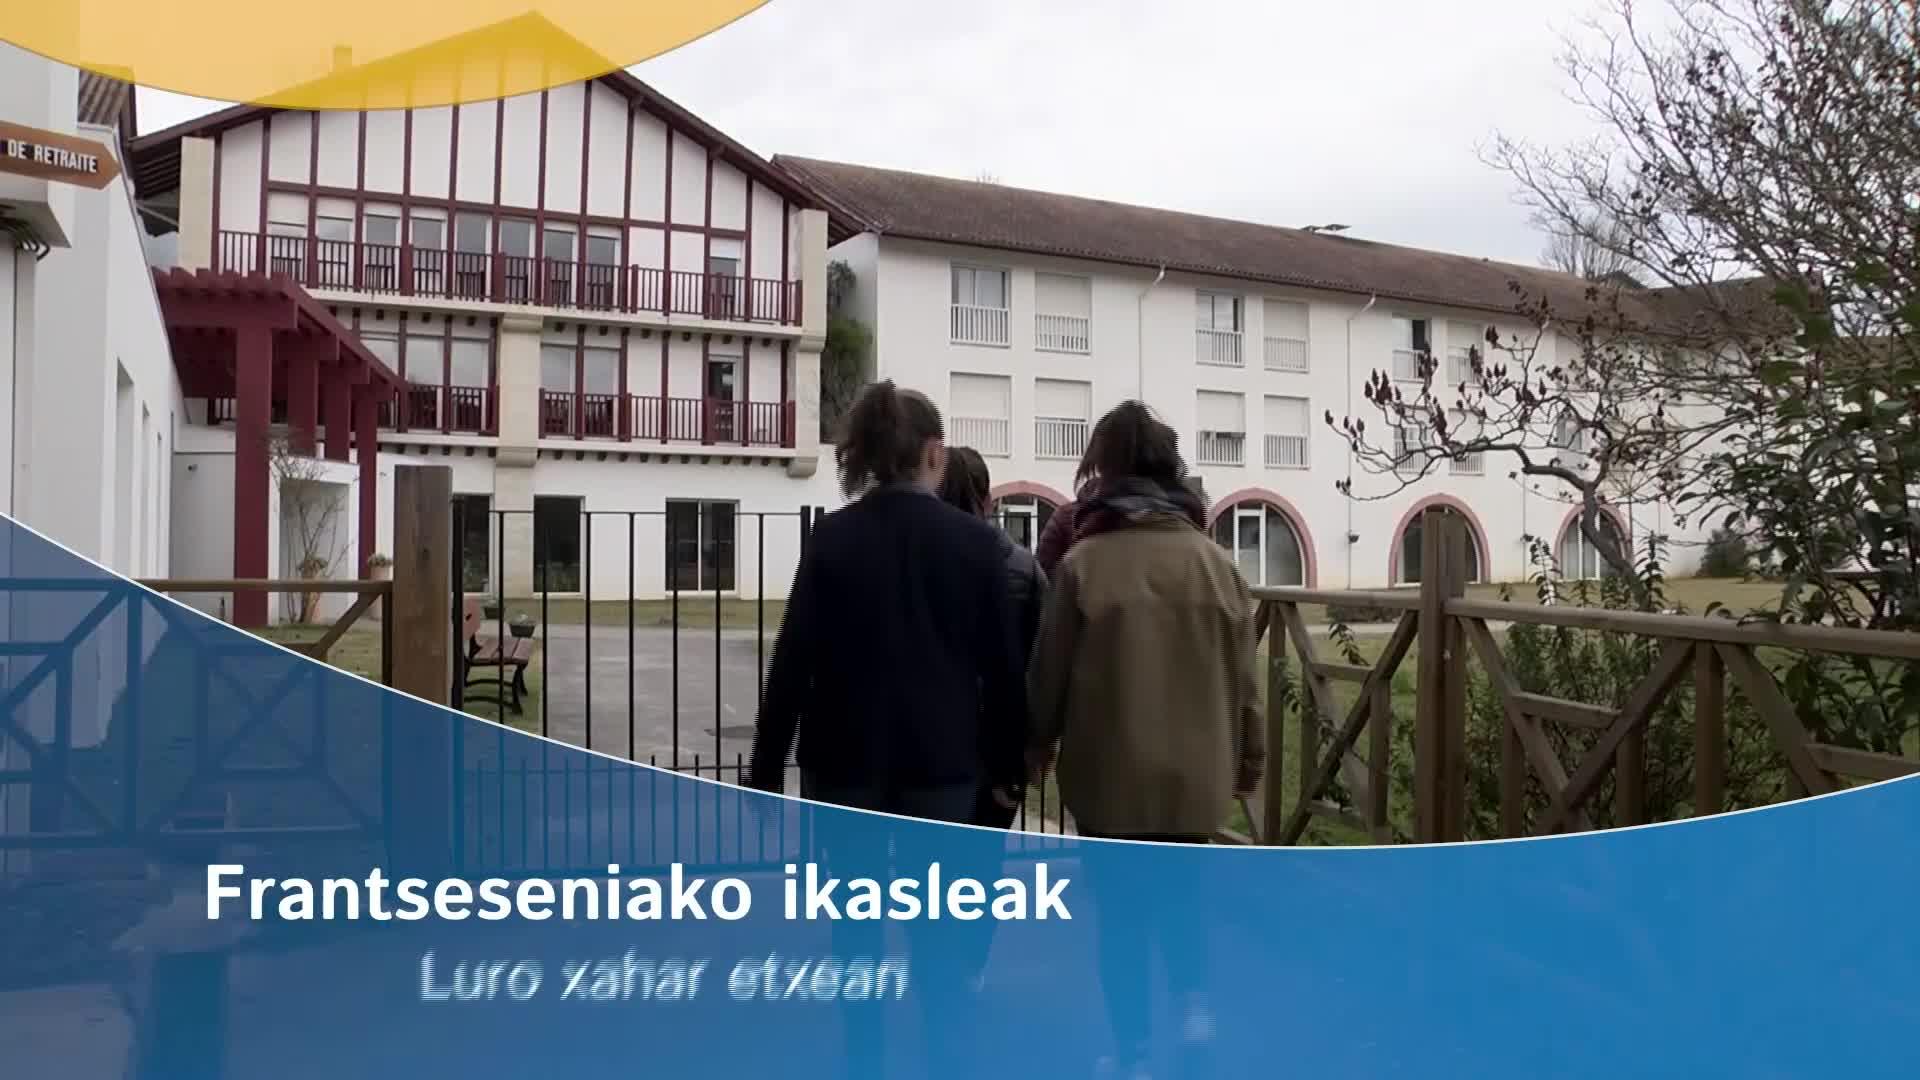 Frantsesenia lizeoa Garaziko xahar etxeetan